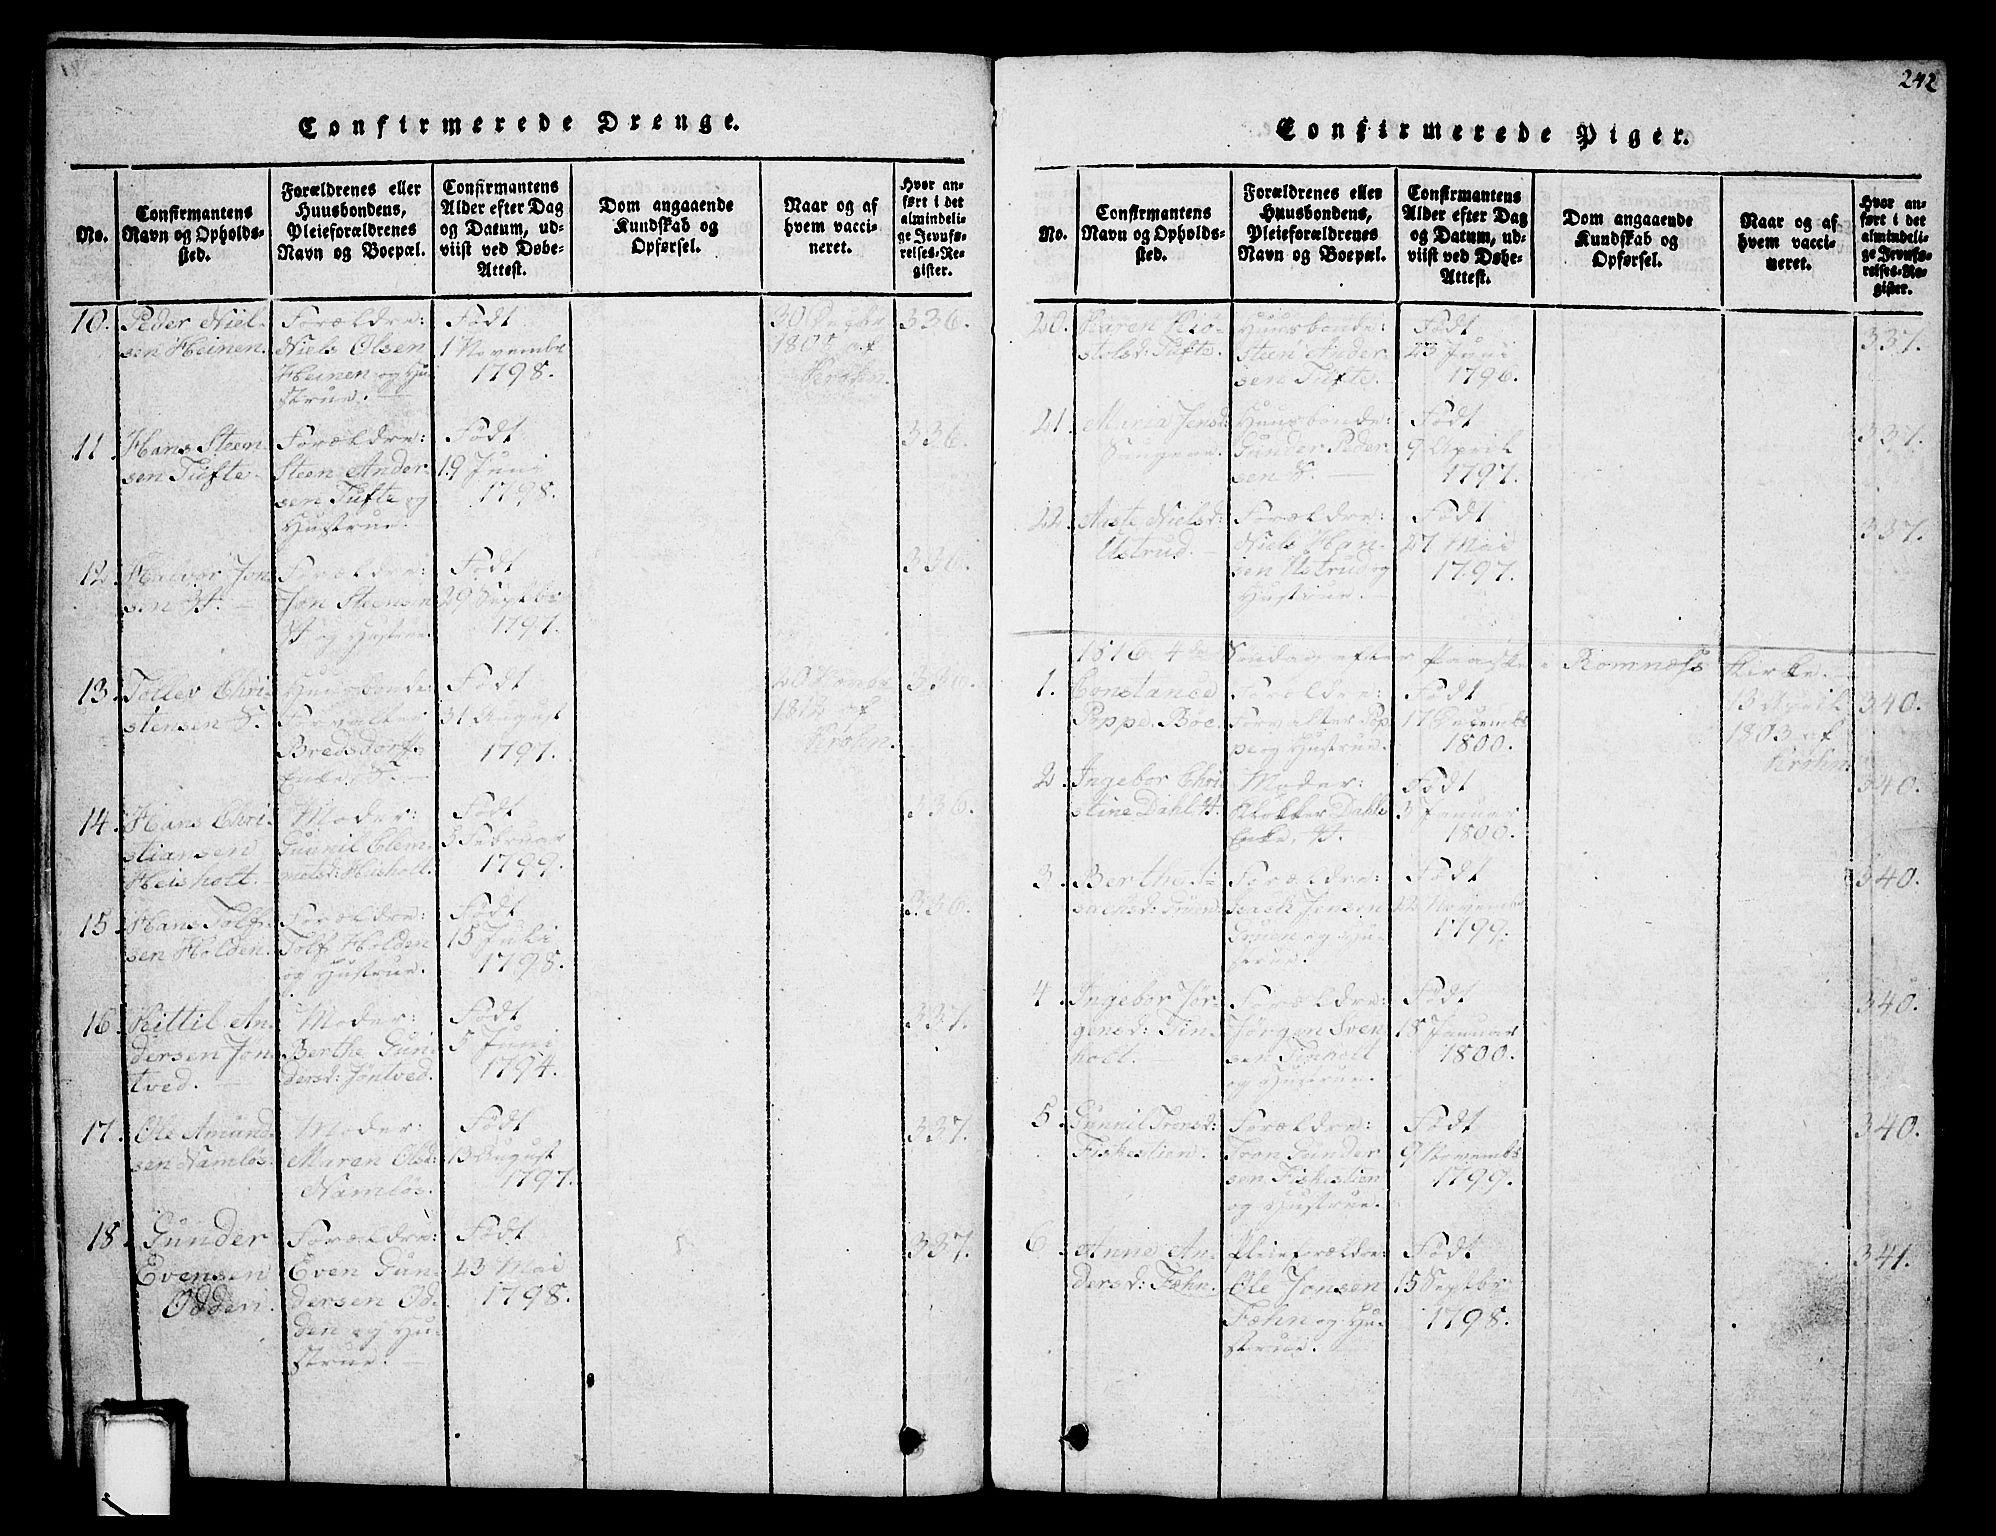 SAKO, Holla kirkebøker, G/Ga/L0001: Klokkerbok nr. I 1, 1814-1830, s. 242